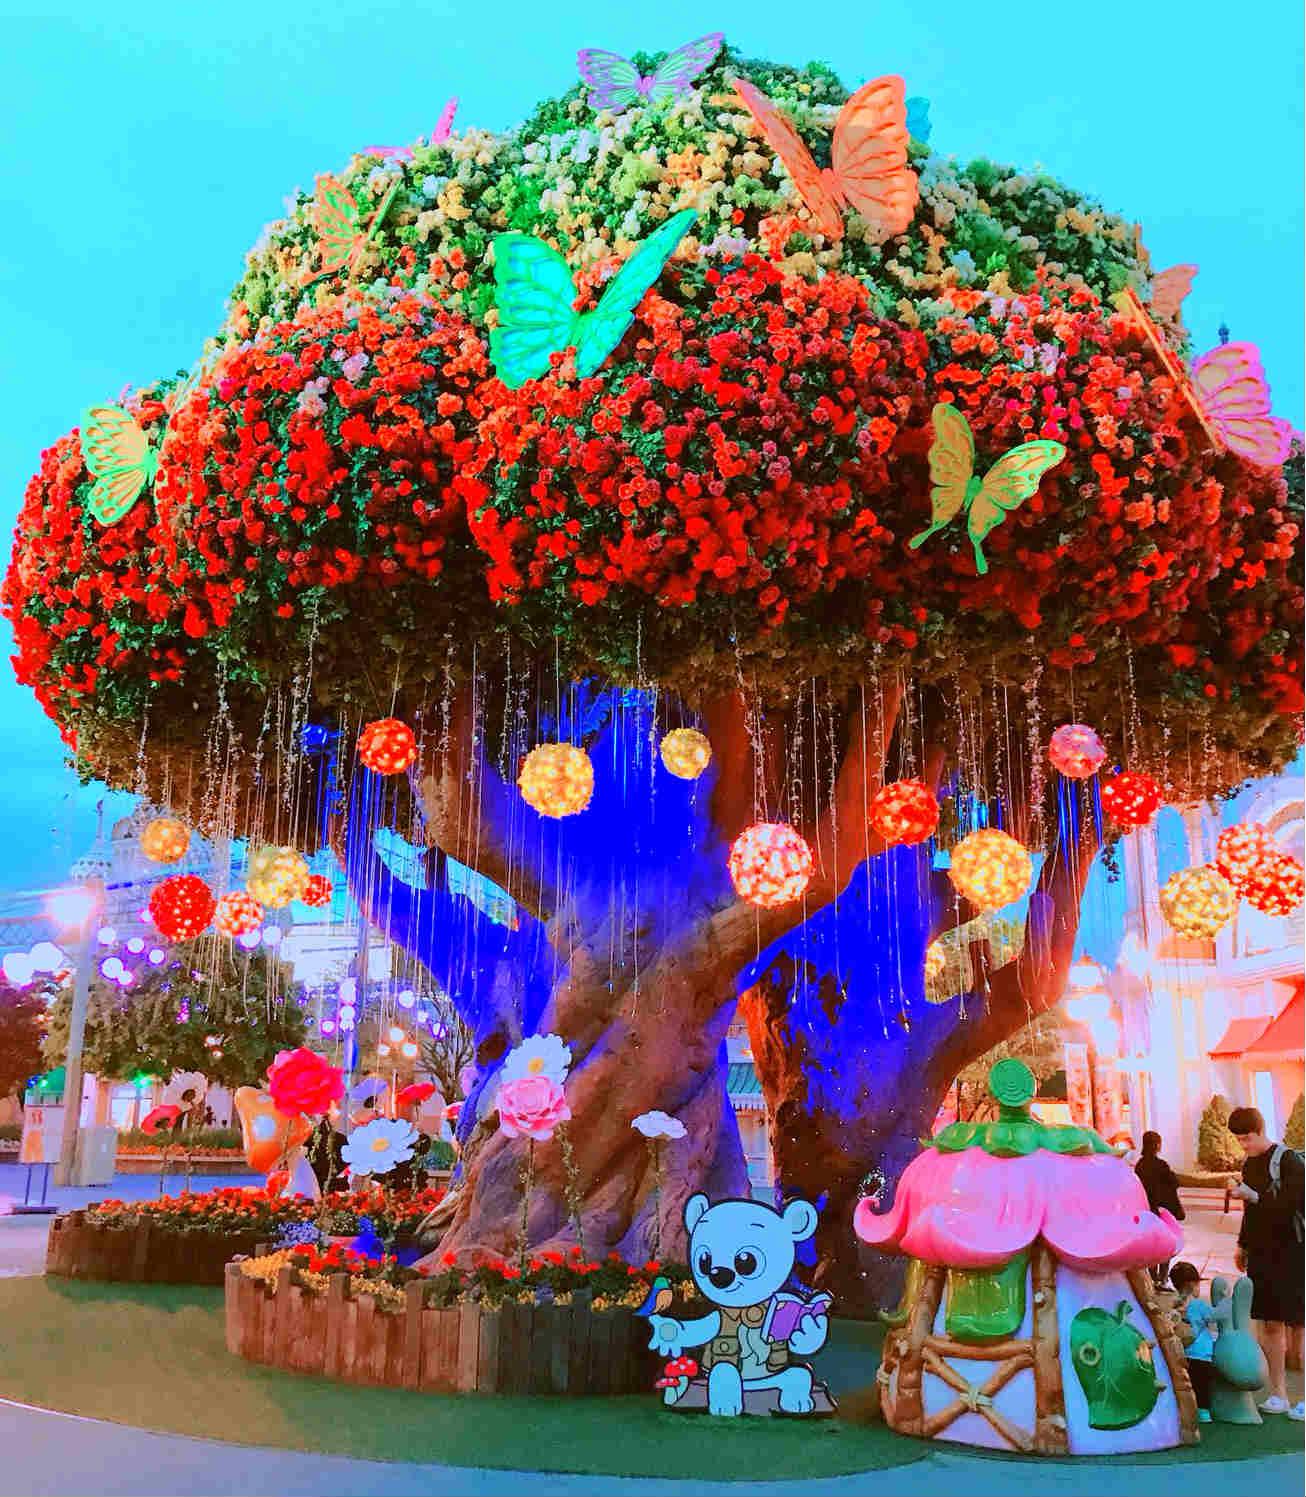 近期要來韓國遊玩的人,不妨前往愛寶,來一趟夢幻的鬱金香之旅吧!